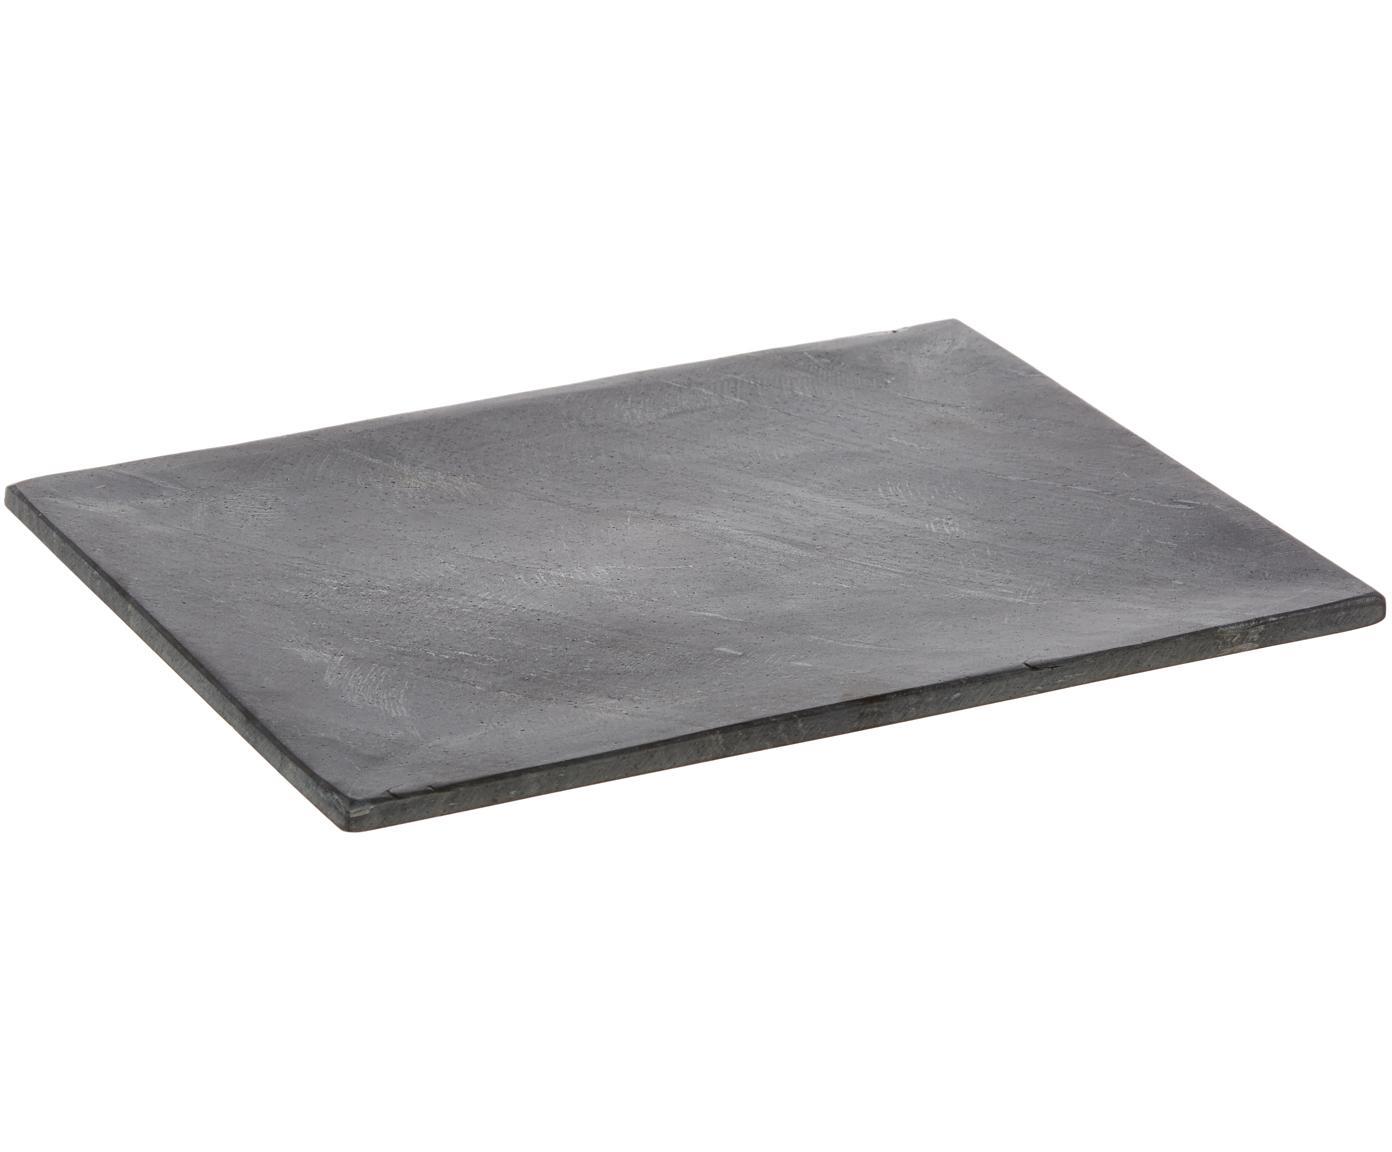 Piatto da portata in granito Klevina, Granite, Grigio, Larg. 28 x Alt. 2 cm